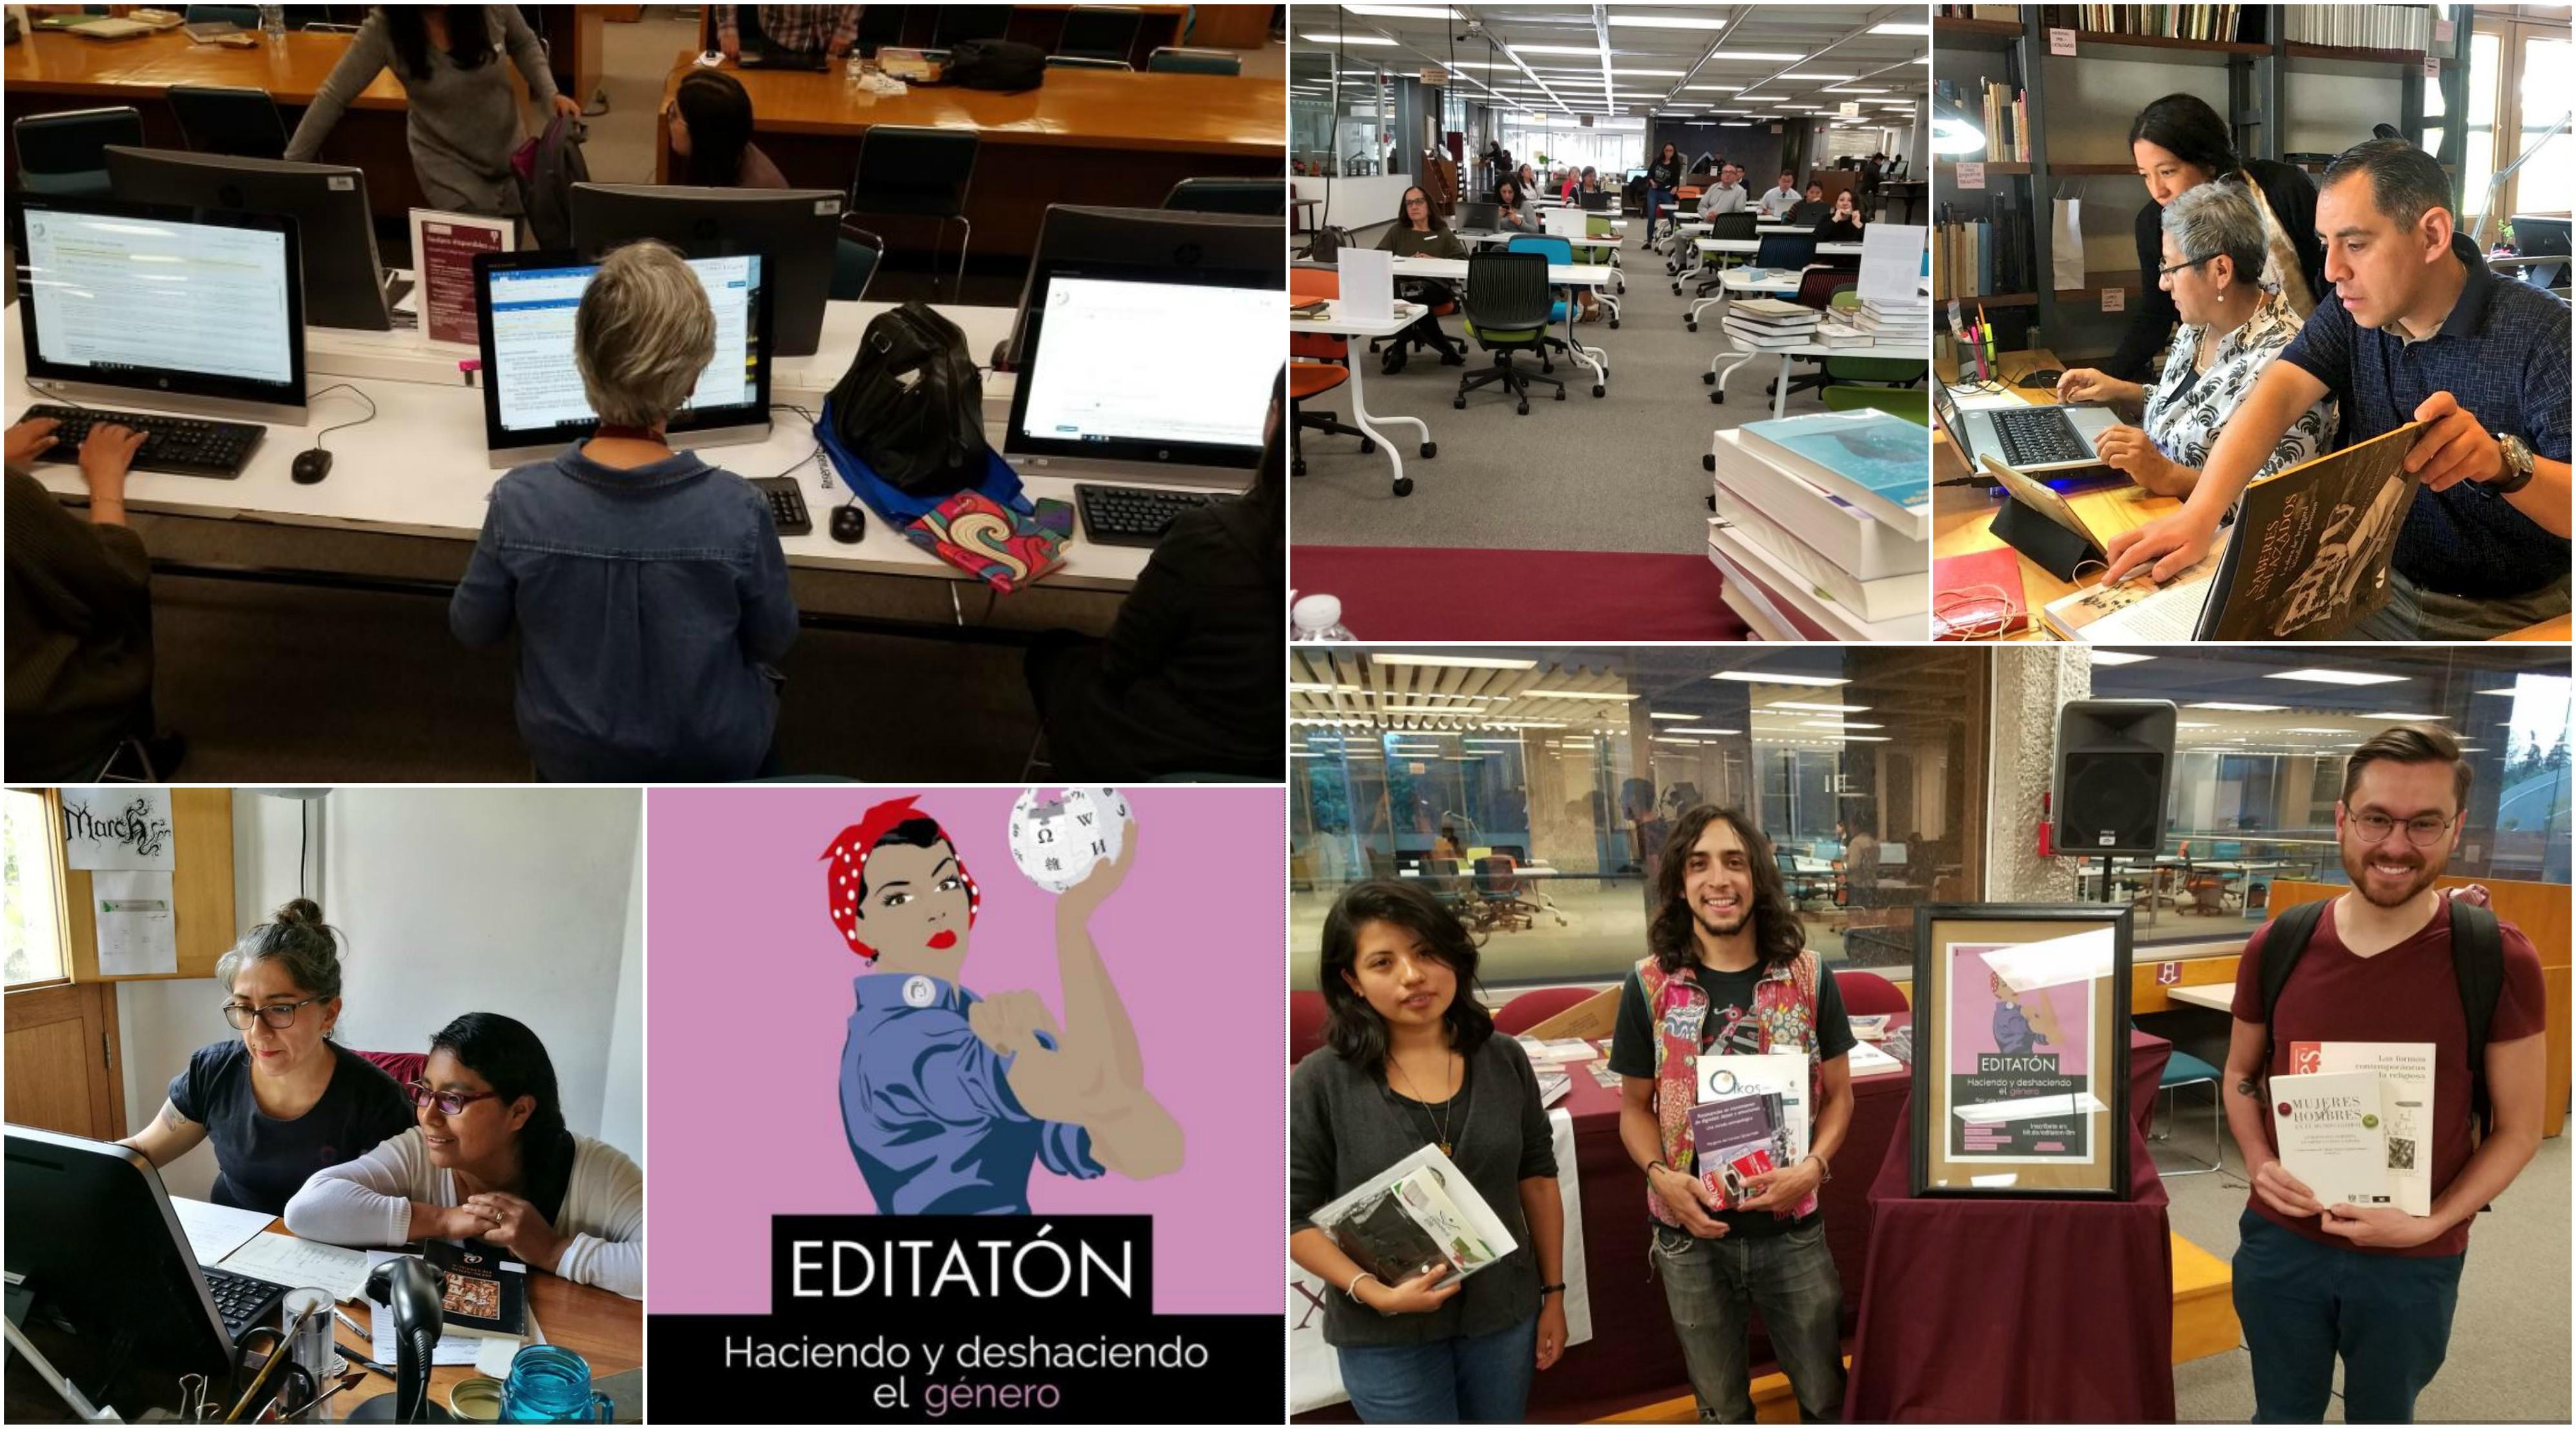 """Editatón """"Haciendo y deshaciendo el género"""" hecho en colaboración con la Biblioteca Juan de Córdova en Oaxaca"""